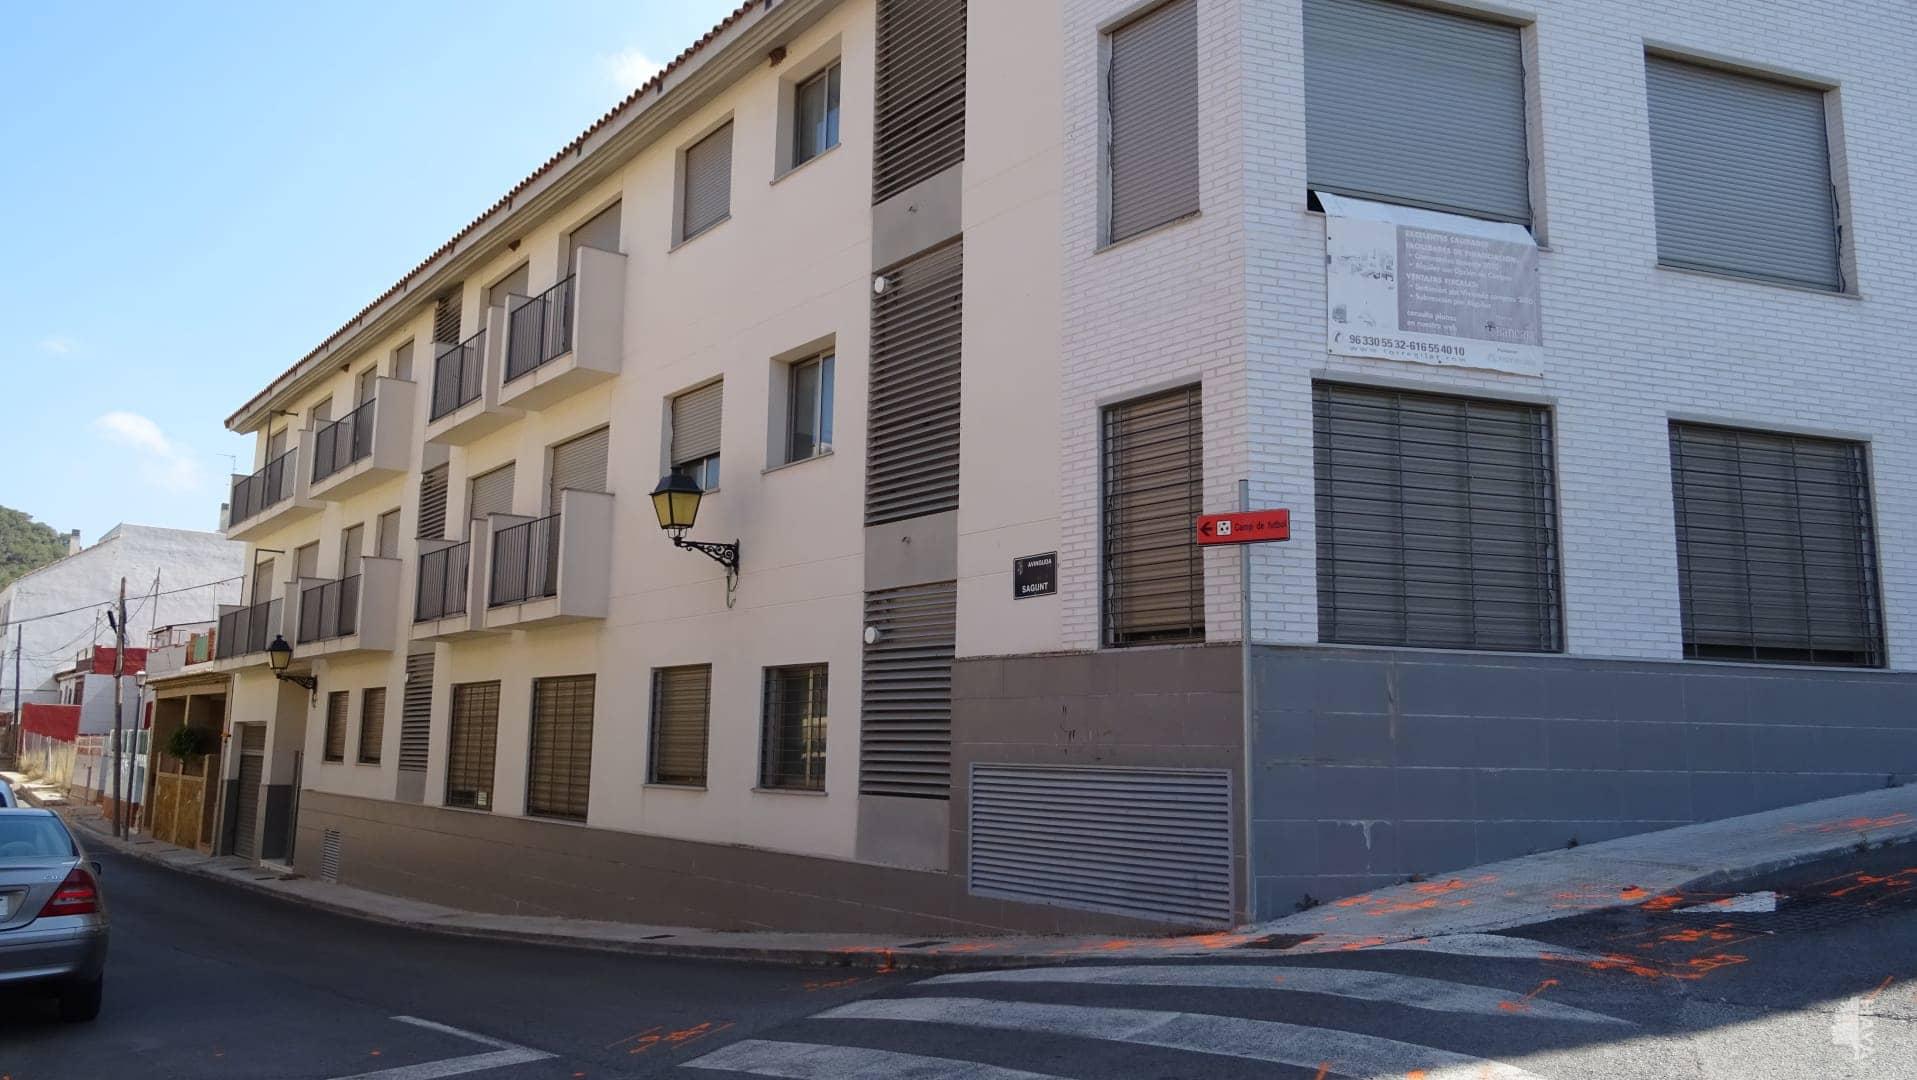 Piso en venta en Gilet, Gilet, Valencia, Calle Sagunt, 142.000 €, 2 habitaciones, 2 baños, 137 m2